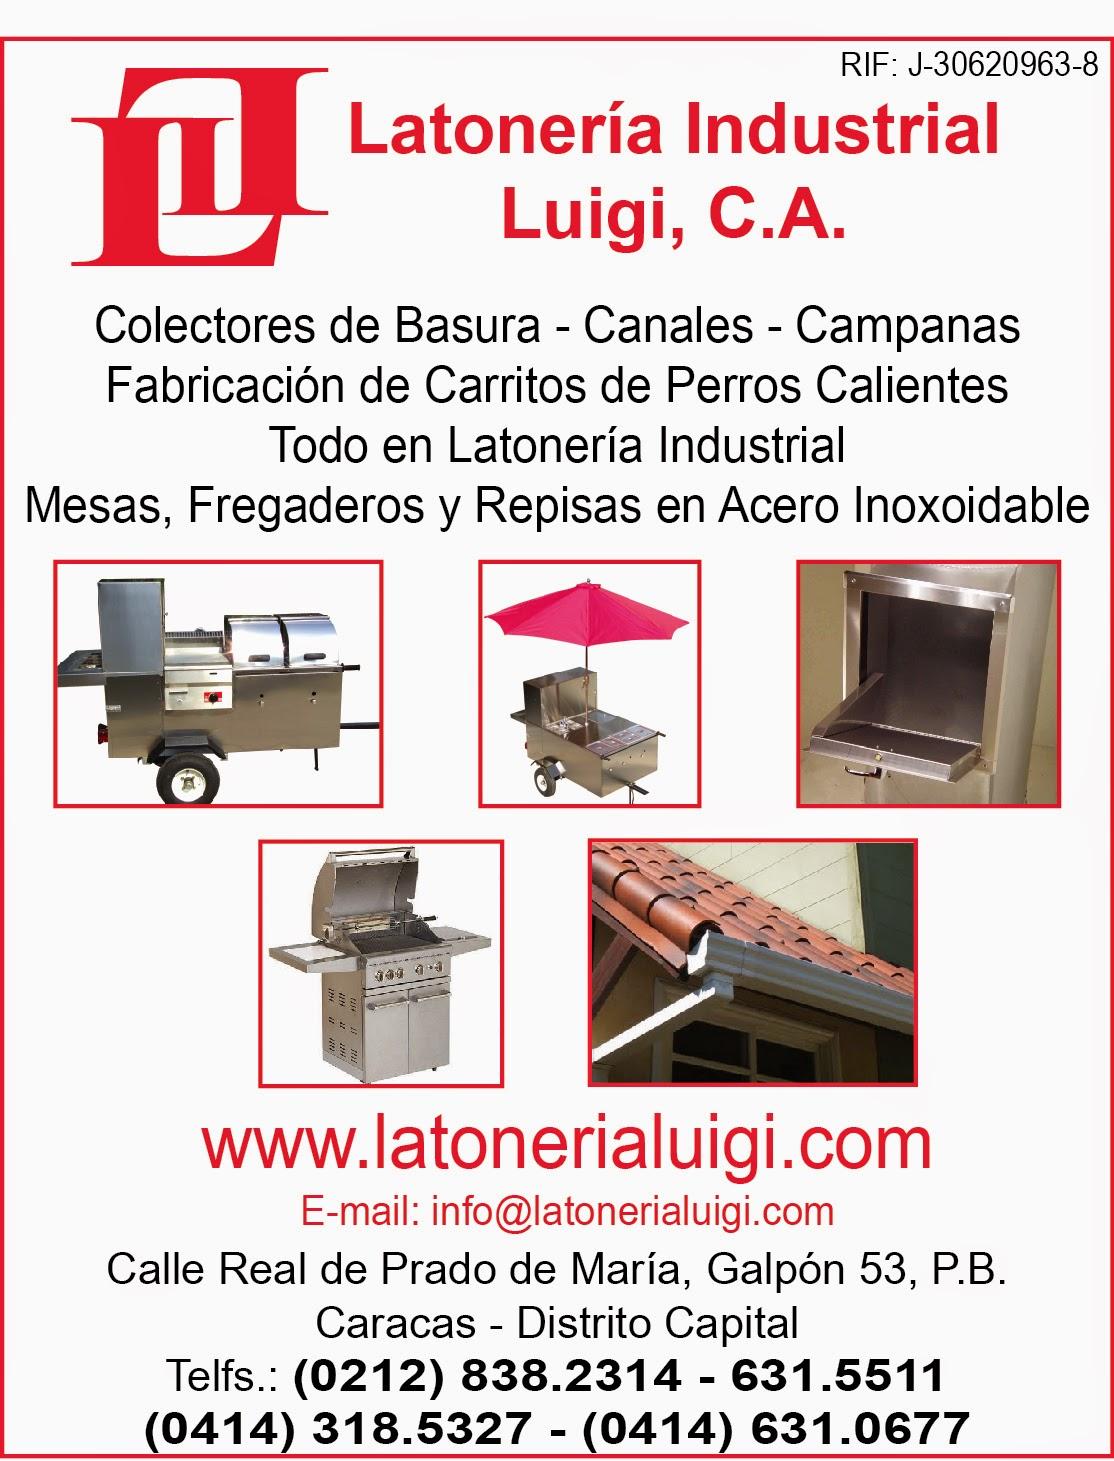 LATONERIA INDUSTRIAL LUIGUI, C.A. en Paginas Amarillas tu guia Comercial